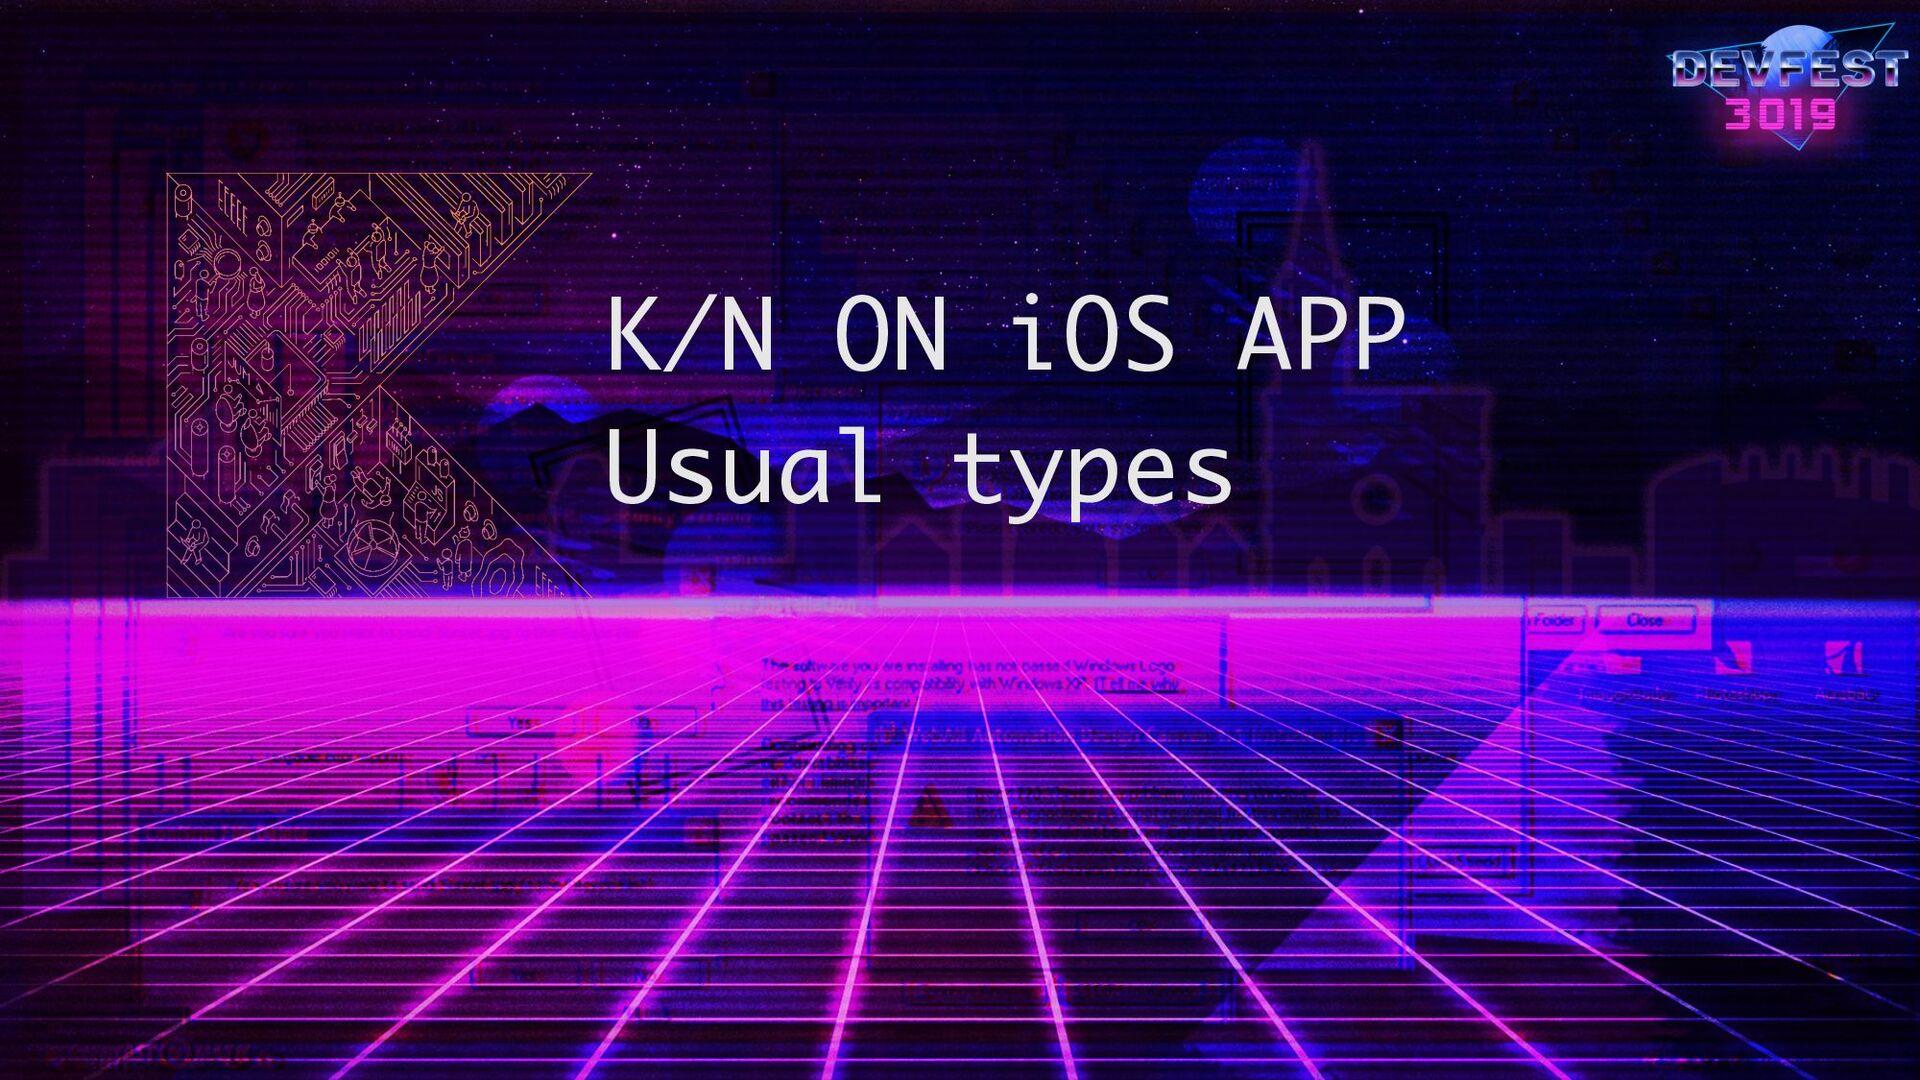 K/N ON iOS APP Usual types